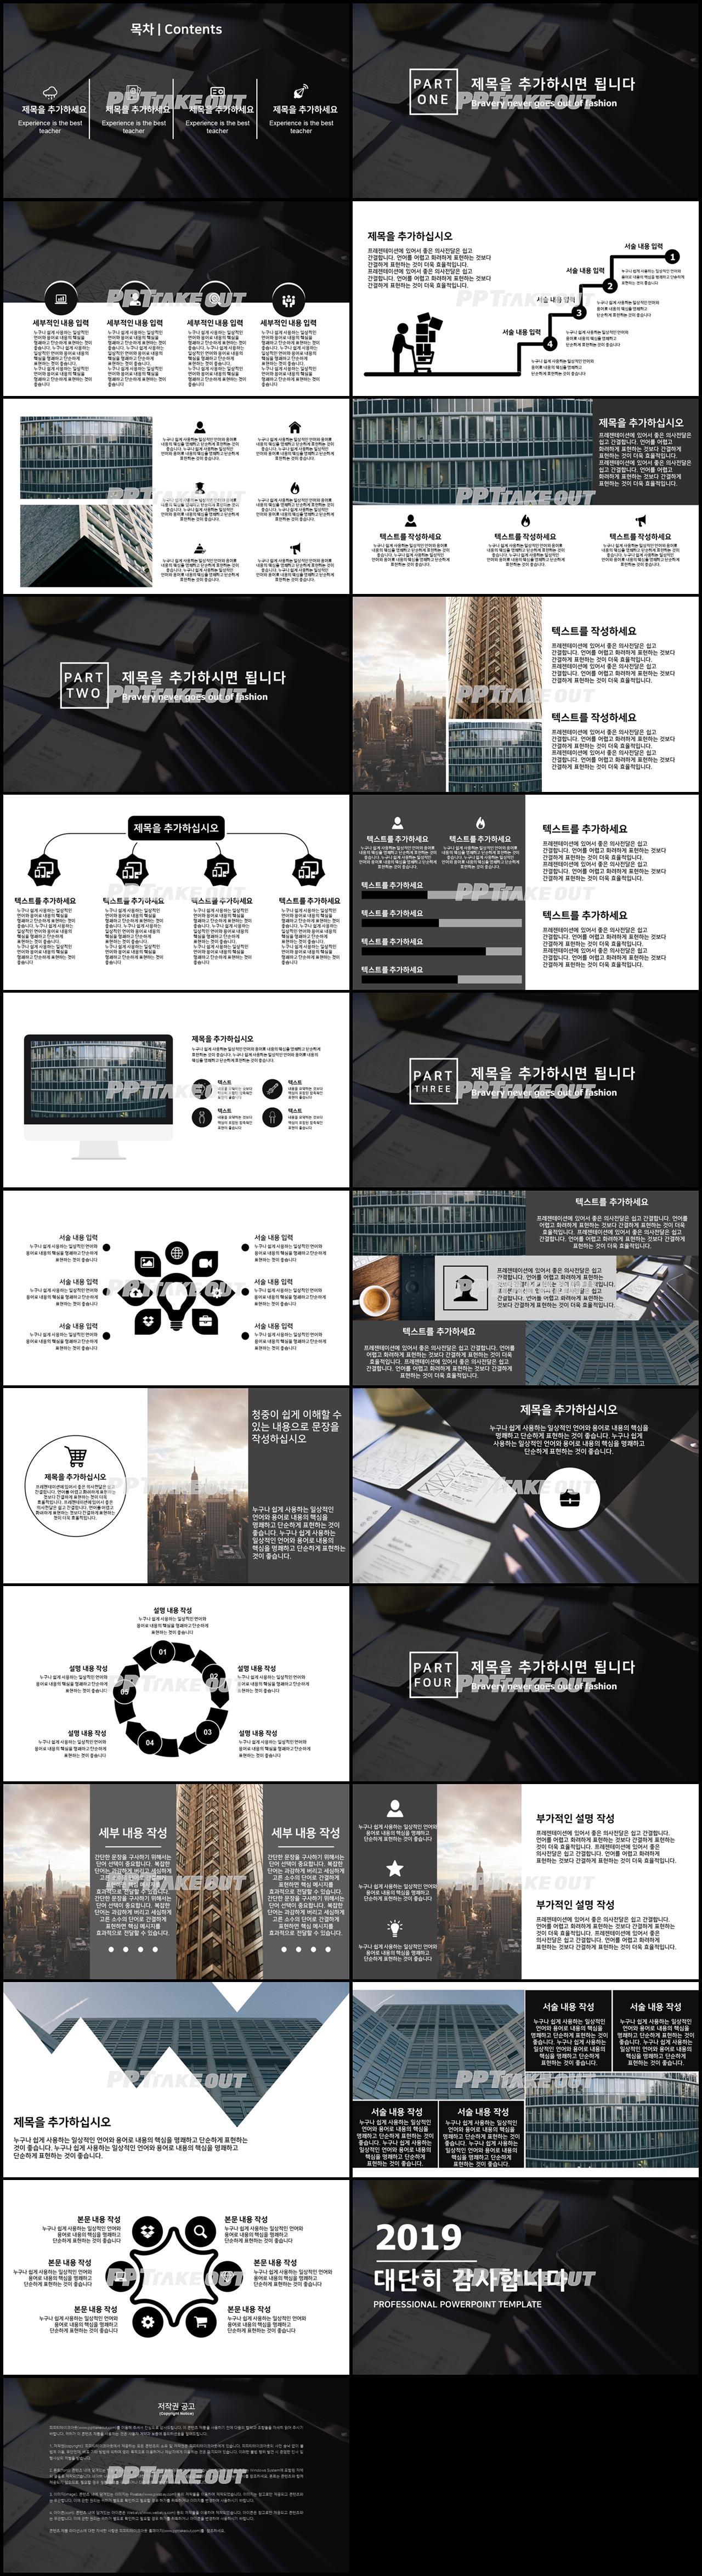 사업융자 블랙 어둠침침한 고퀄리티 파워포인트양식 제작 상세보기